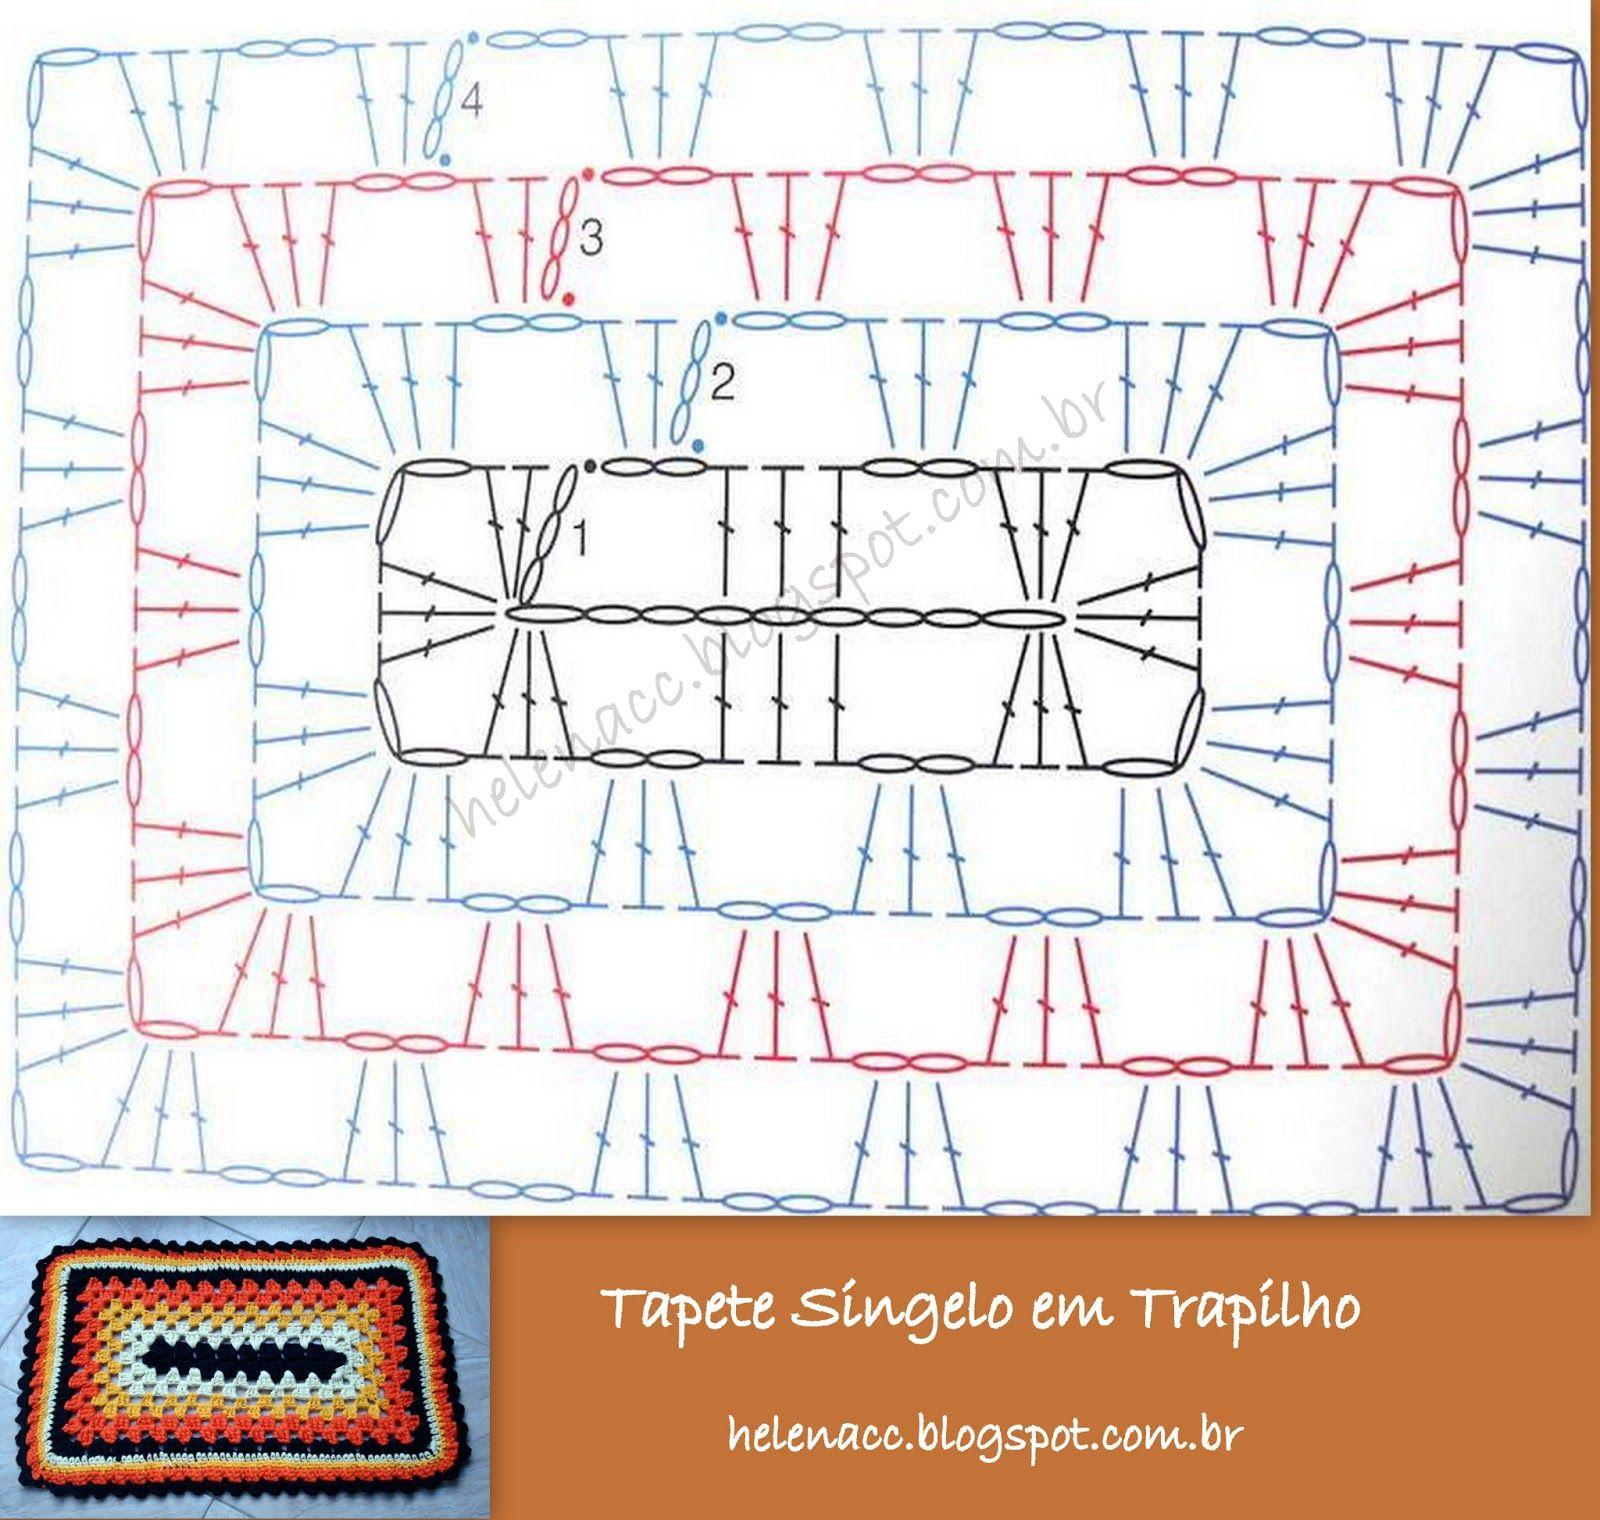 PATRO RECTANGULAR   trapillo   Pinterest   Trapillo, Ganchillo y Tapetes